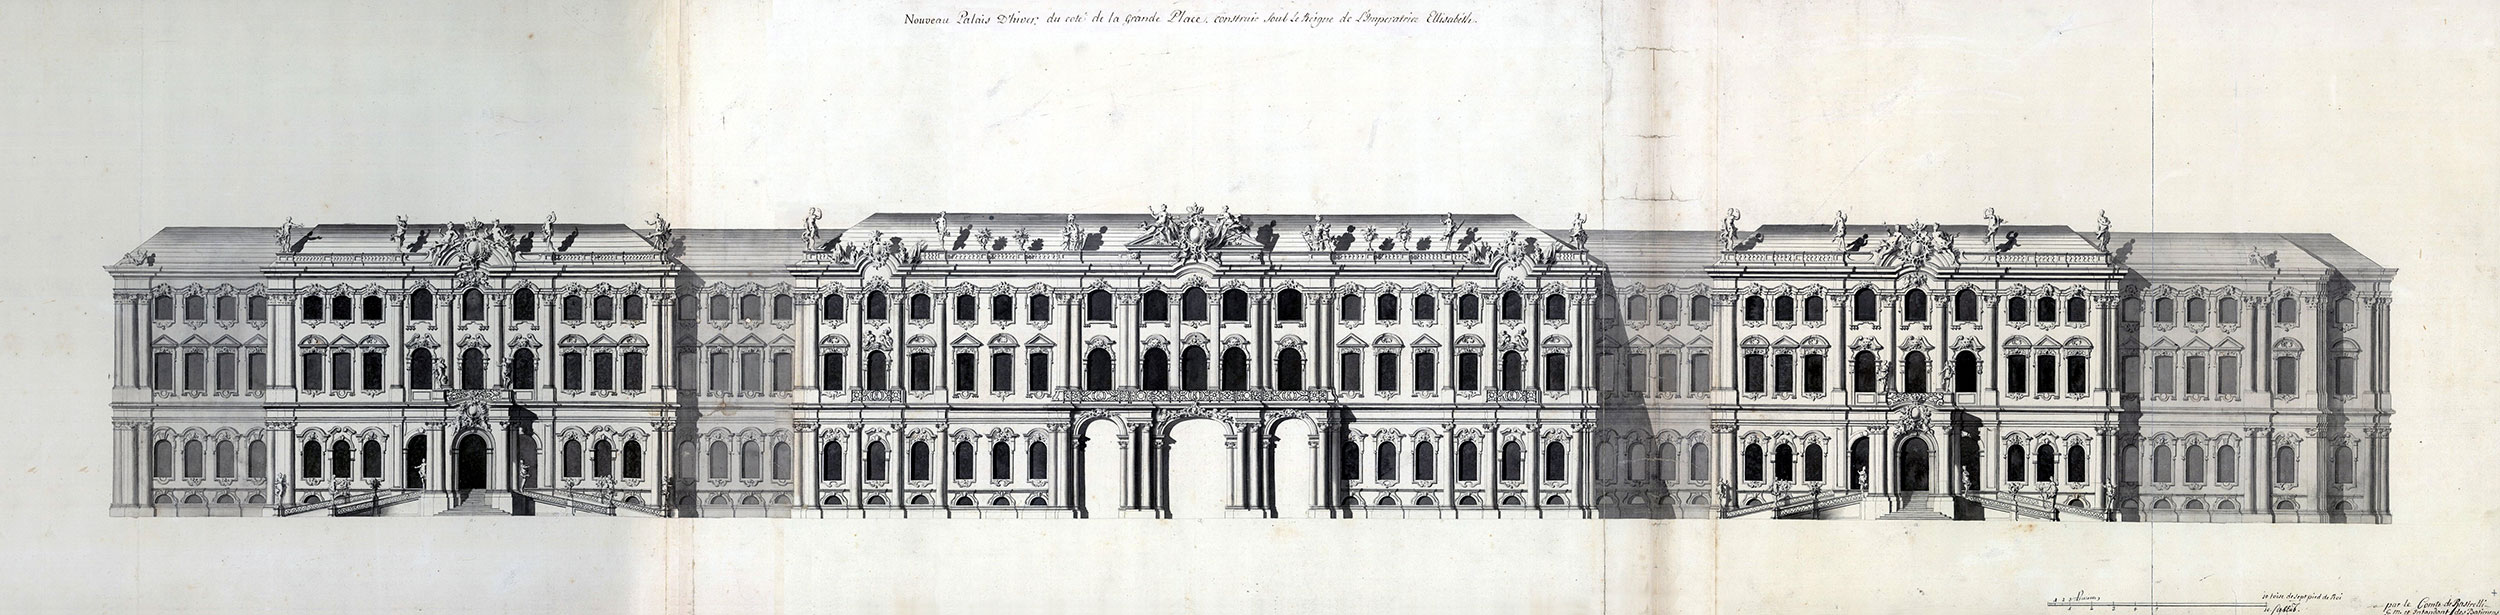 Авторский проект фасада Зимнего дворца Эрмитажа (1754-1762). Растрелли, Бартоломео Франческо